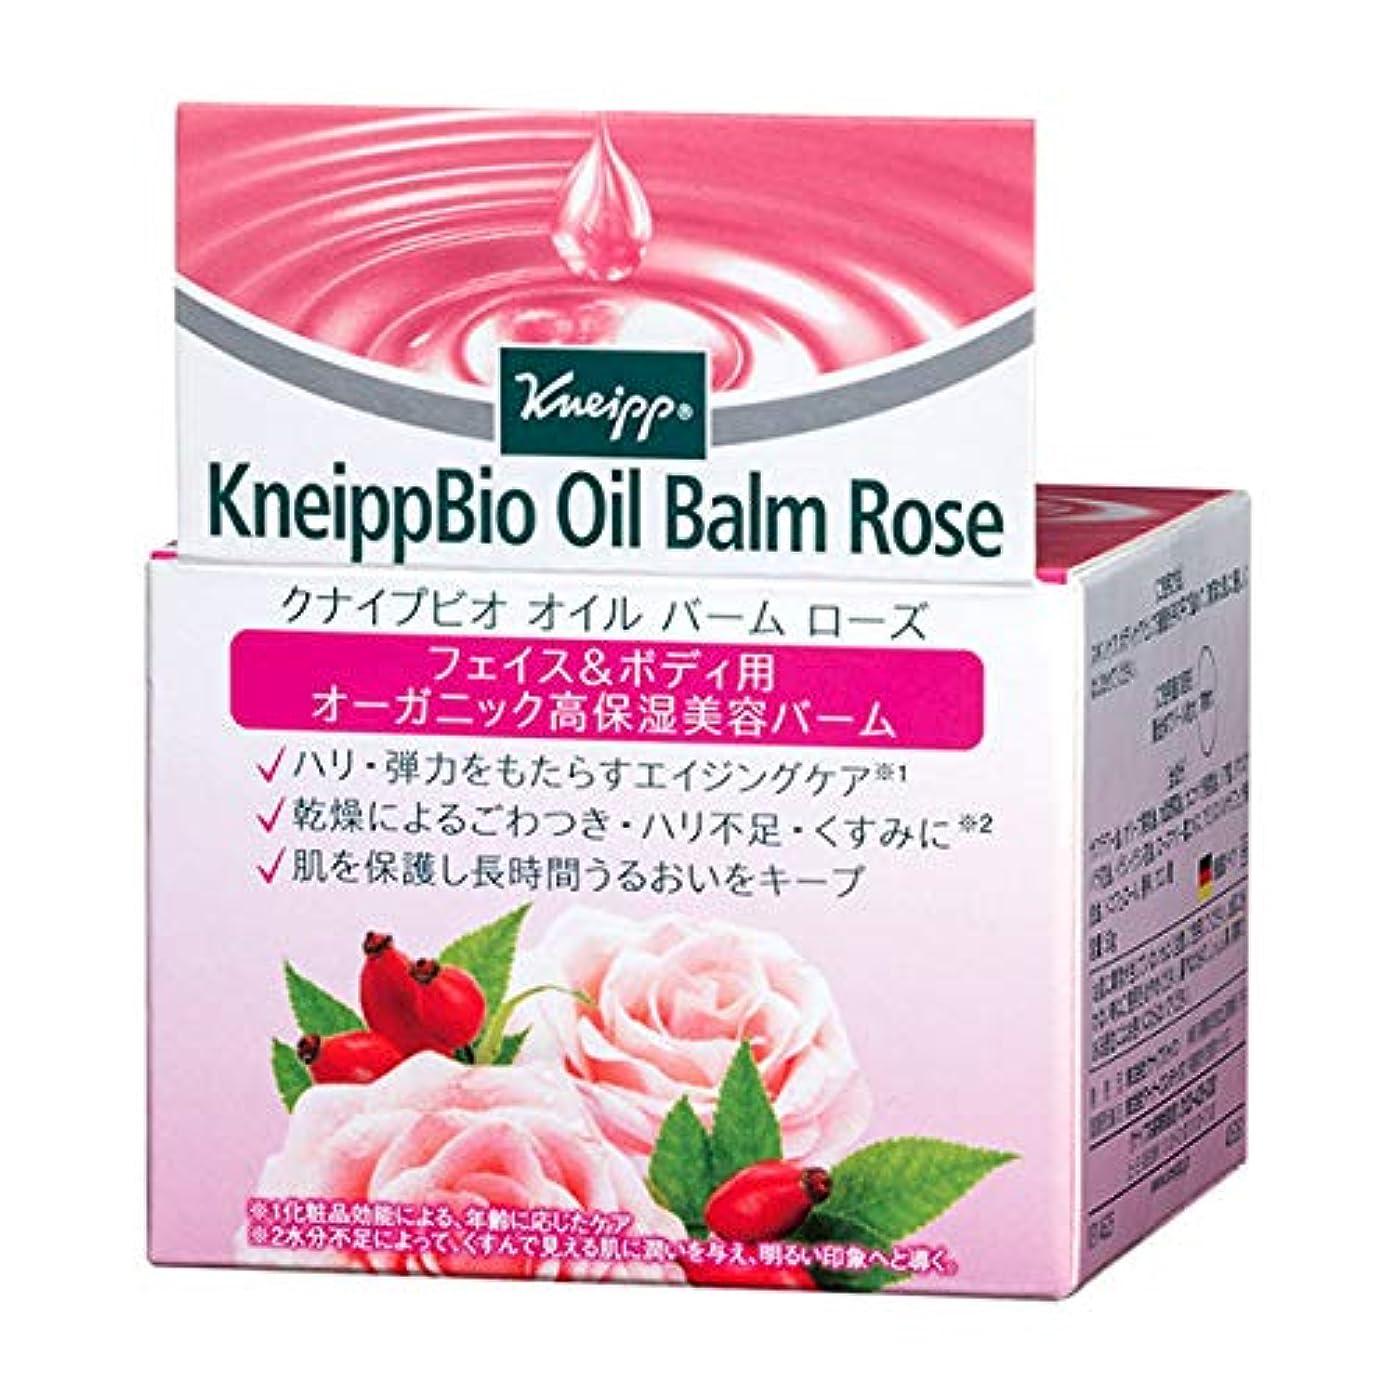 いま肉の近代化クナイプ(Kneipp) クナイプビオ オイル バーム ローズ 50g 美容液